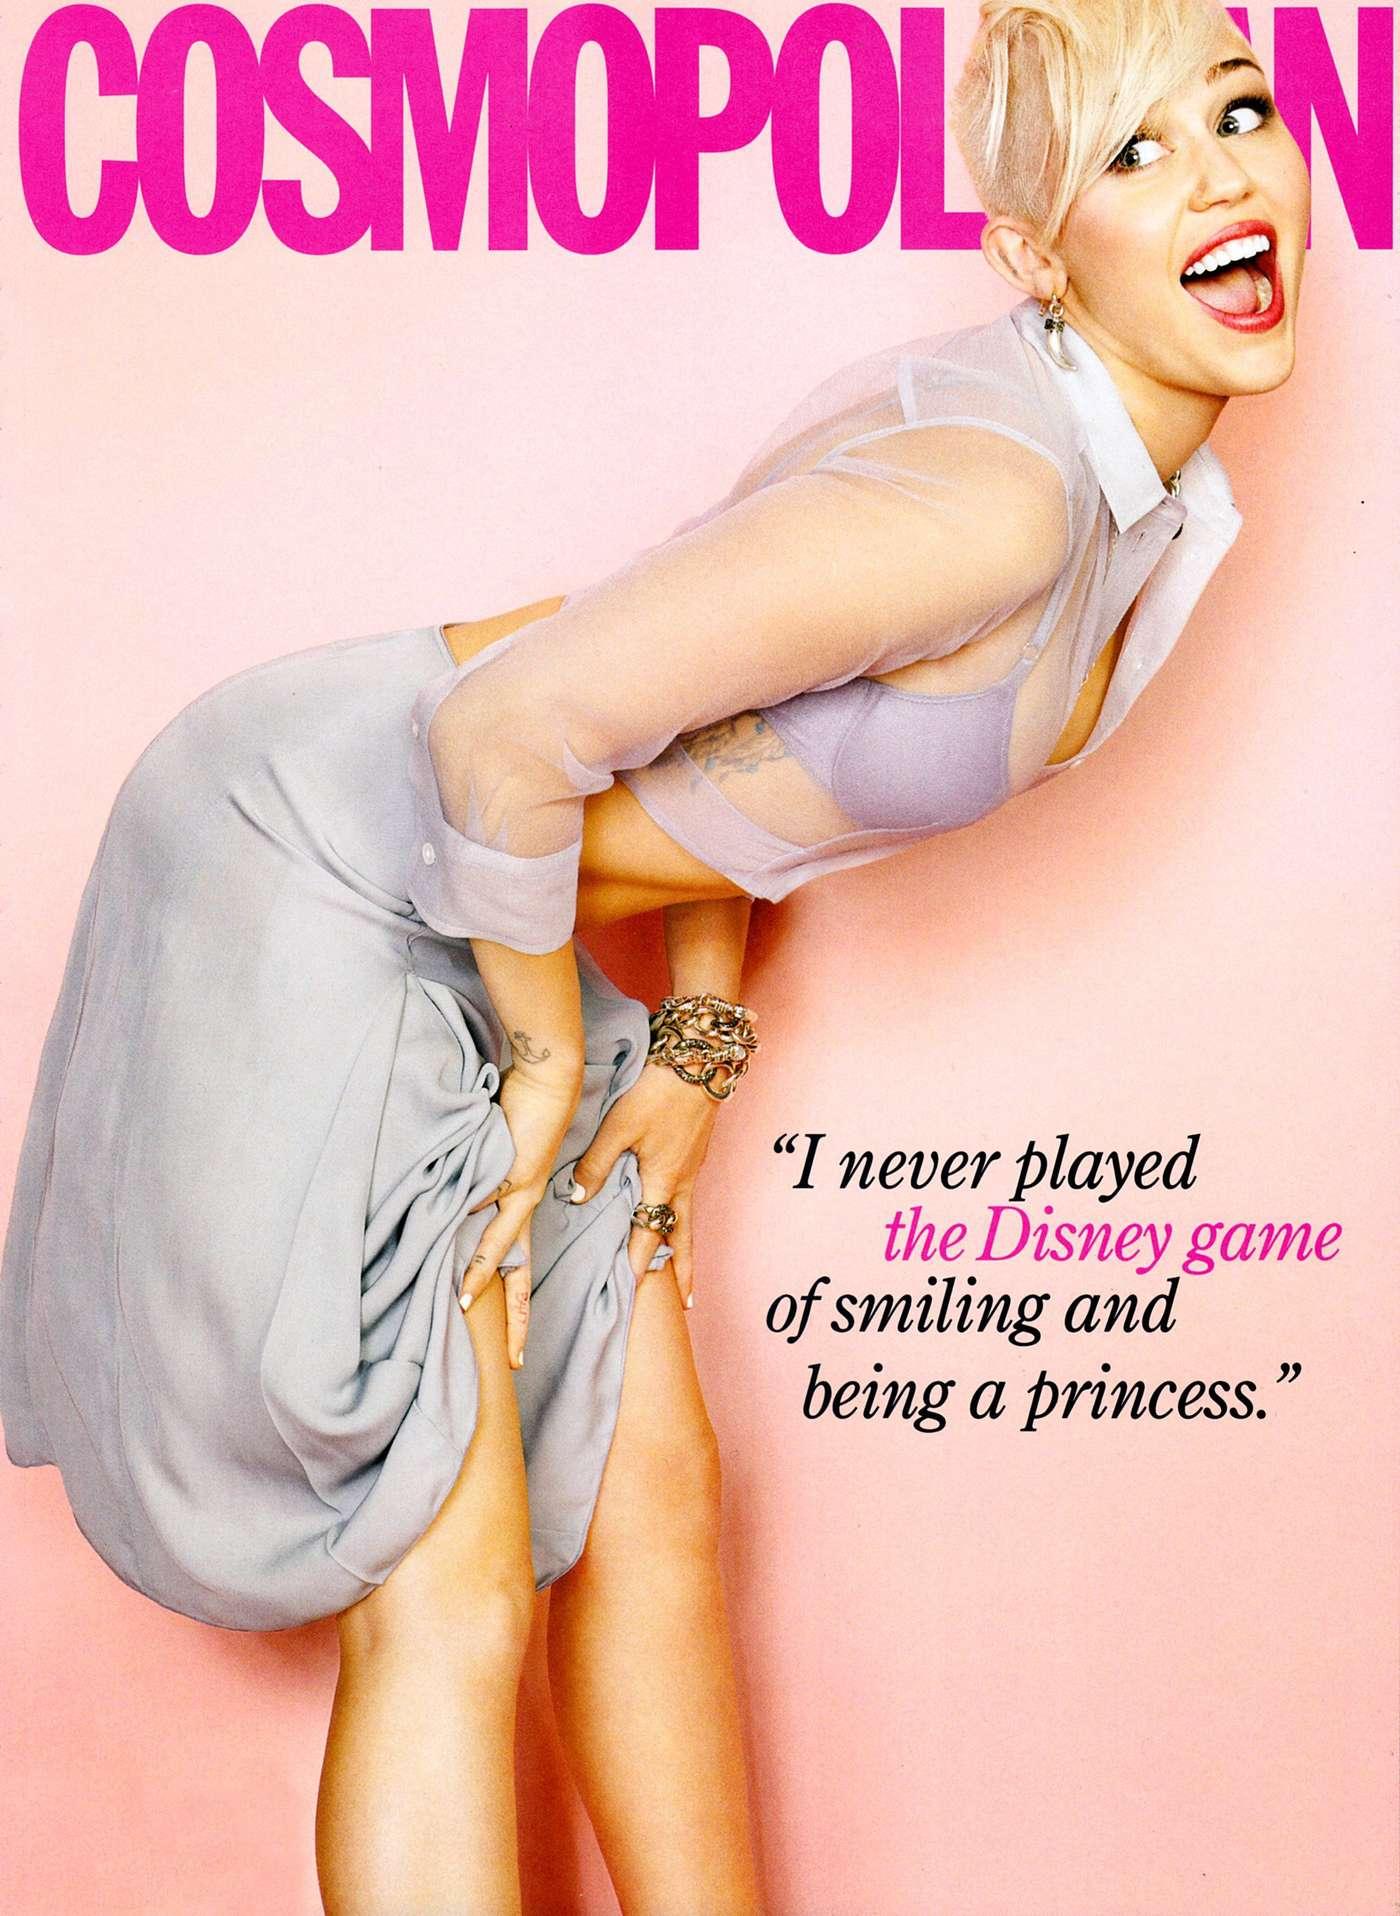 Miley Cyrus 2013 : Miley Cyrus in Cosmopolitan 2013 -03